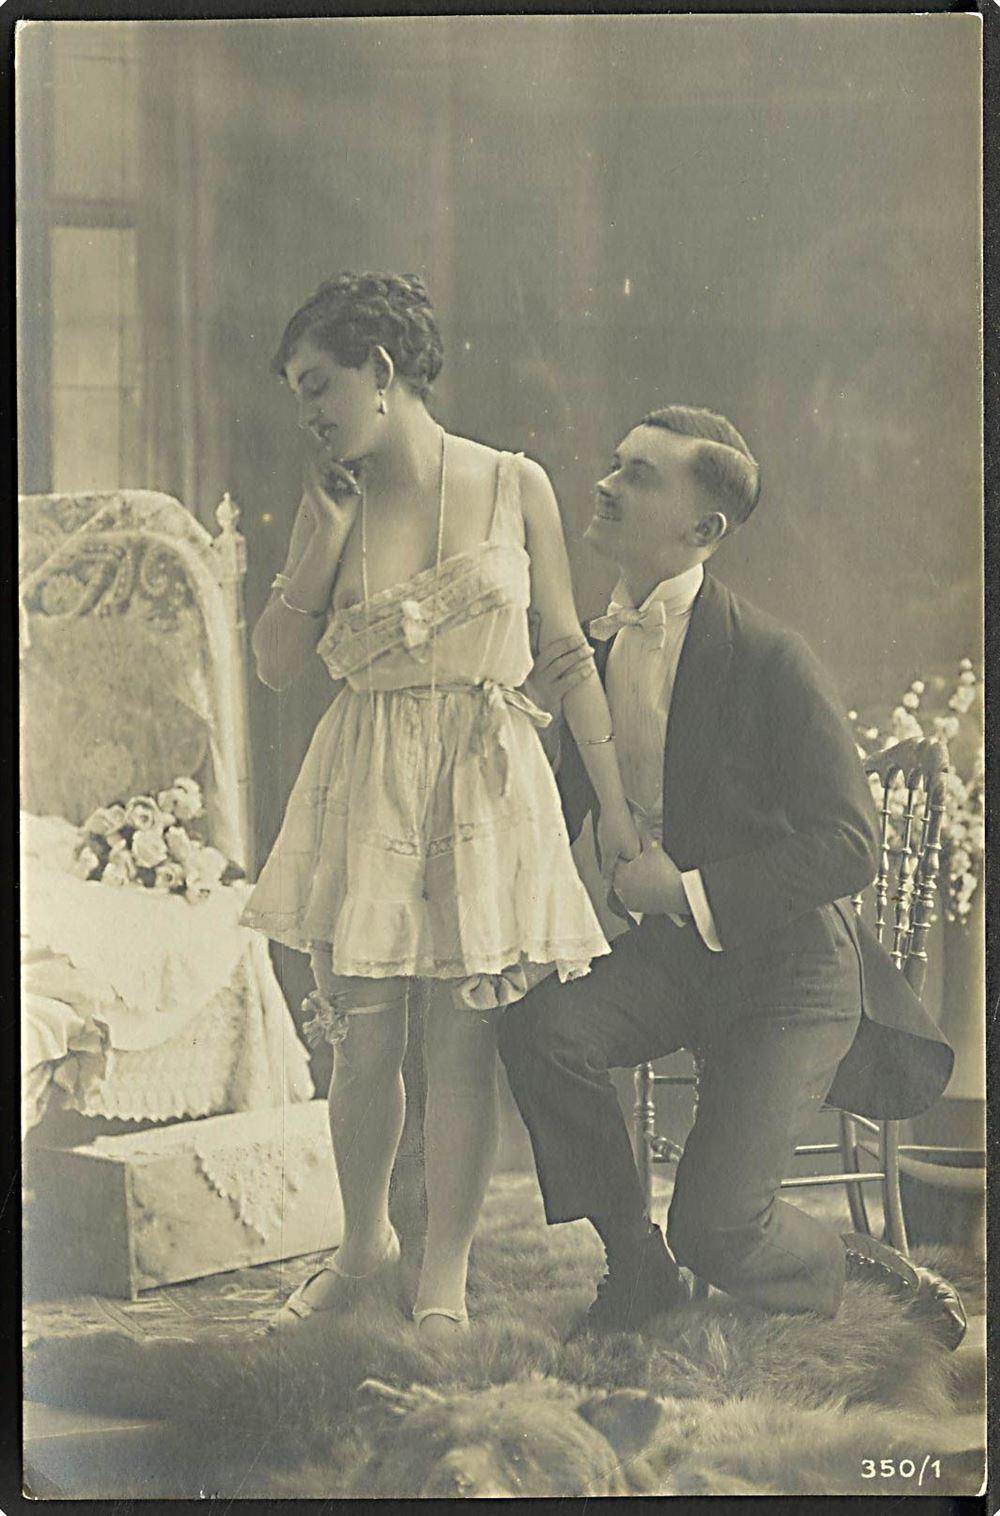 Erotik Lingeri No 350 1 6 Serie paa 6 kort Kvalitet 8 1910 France